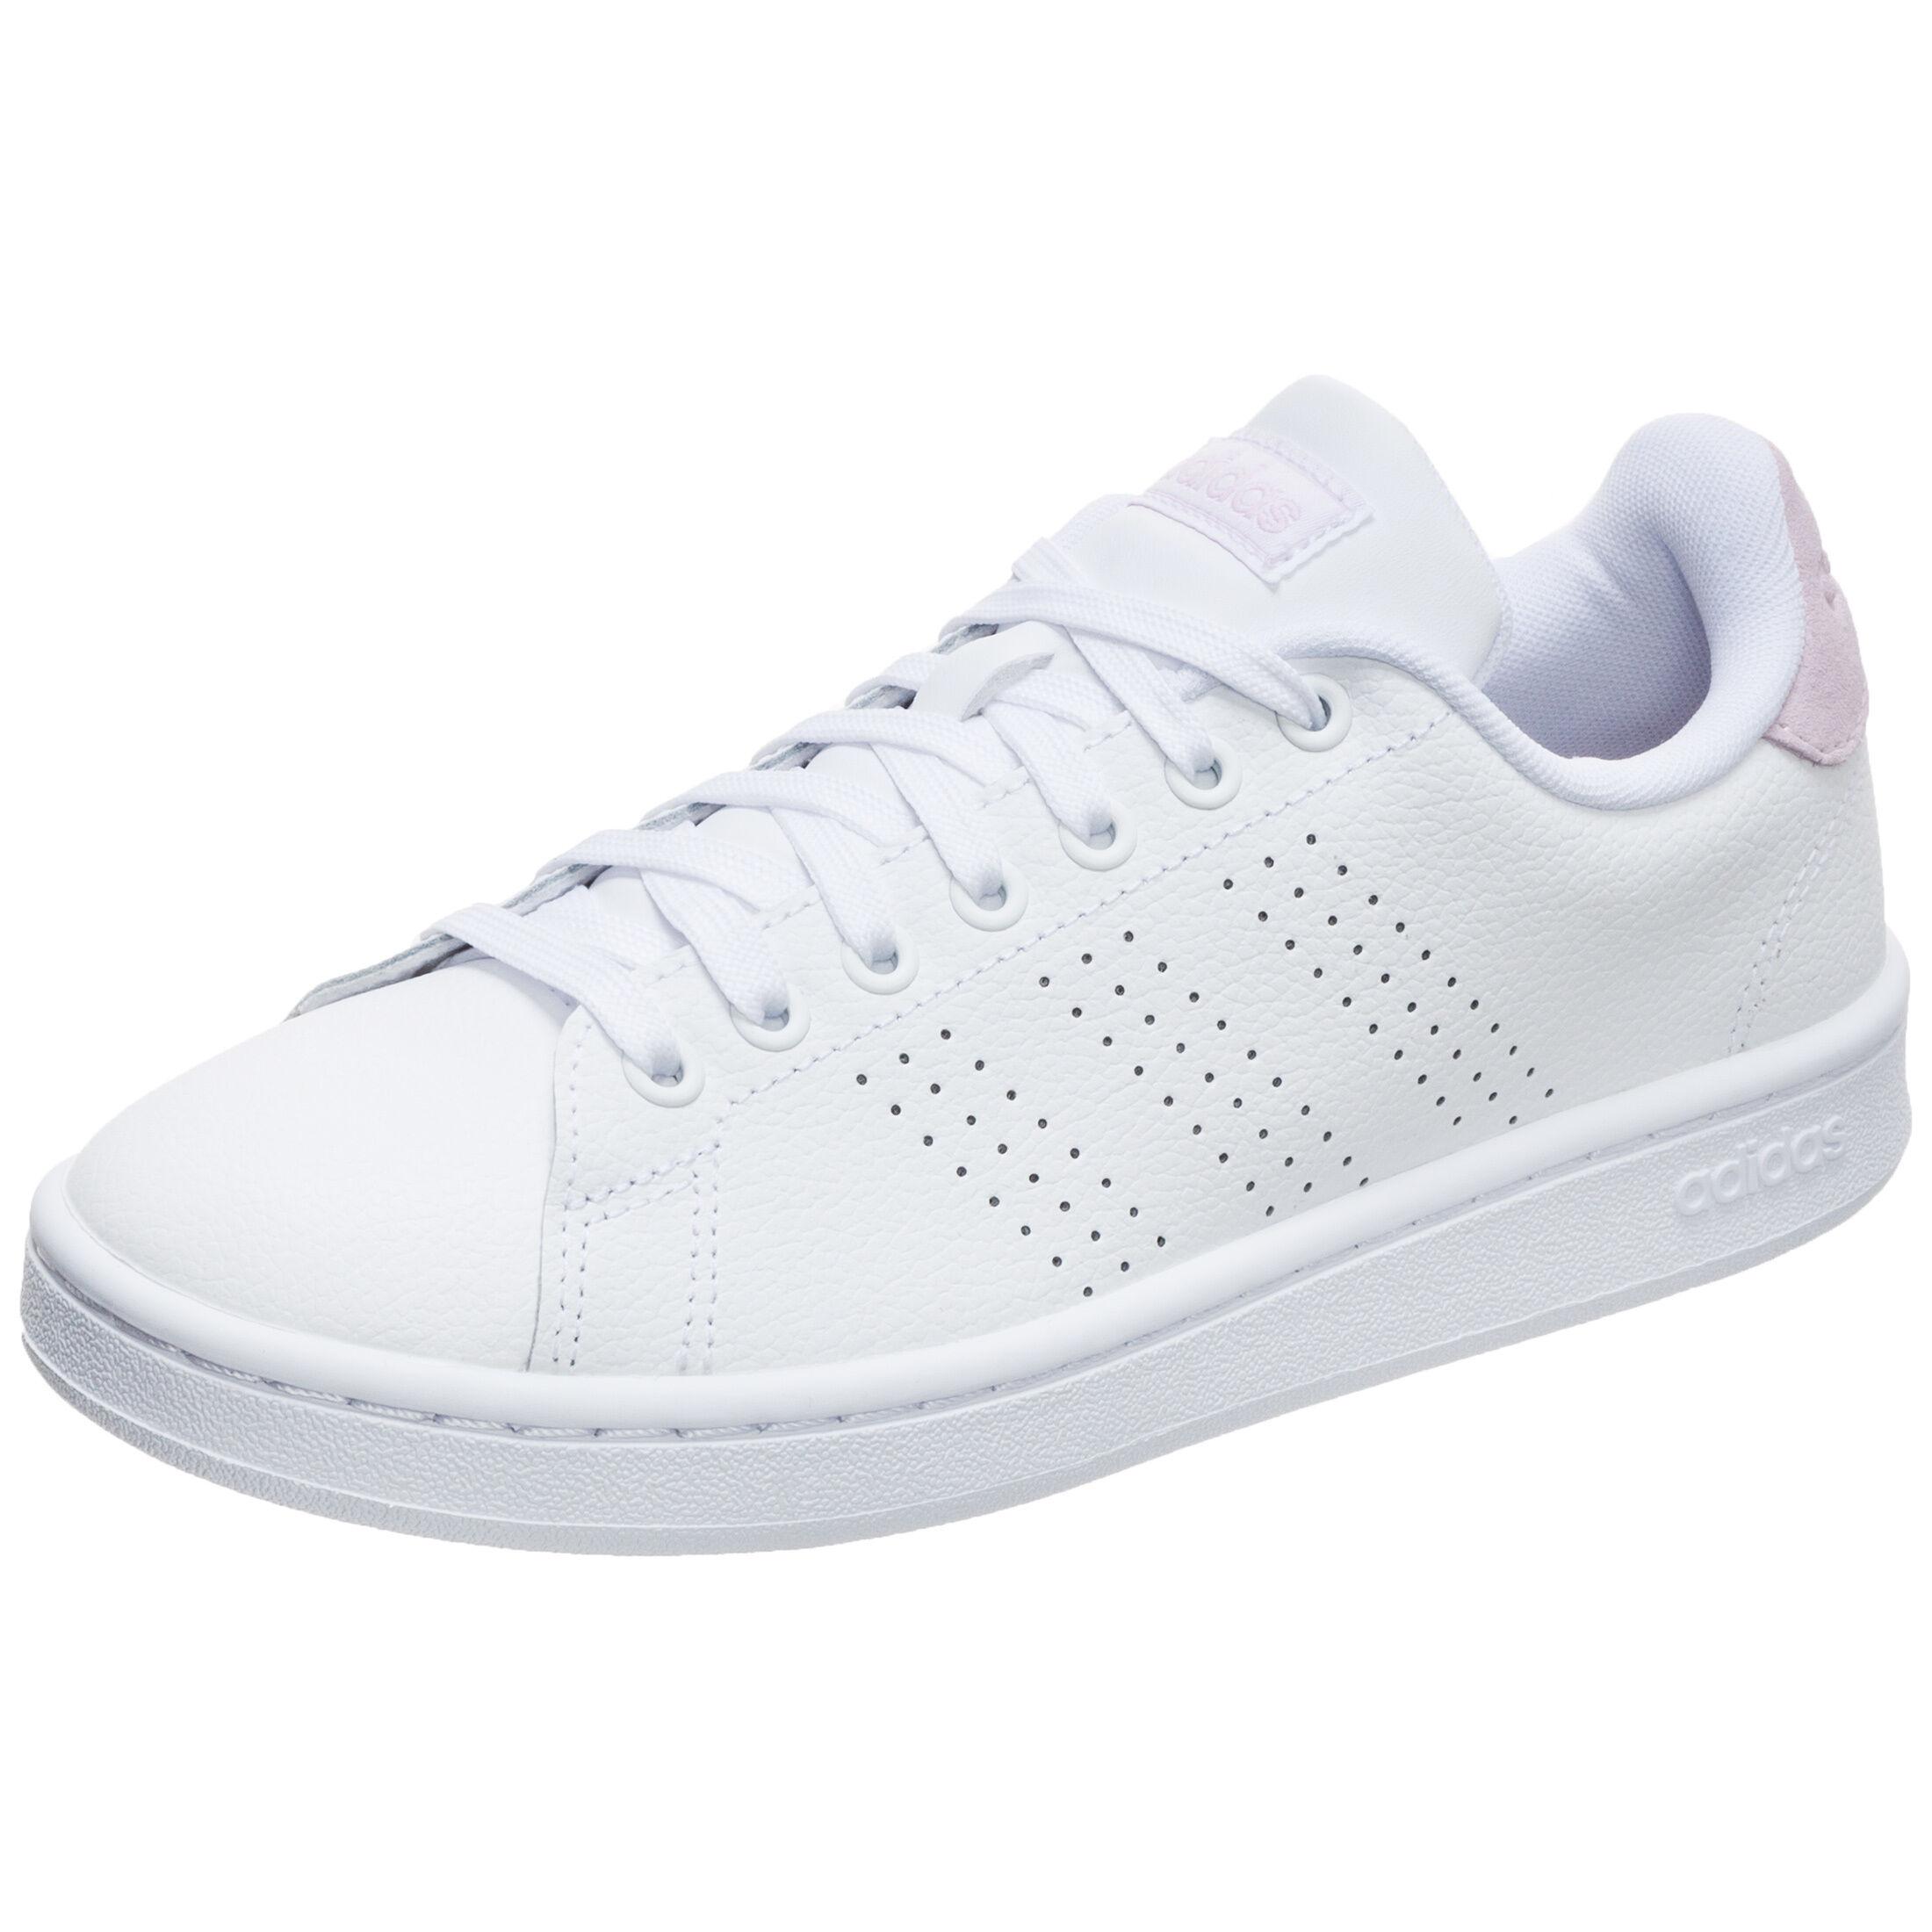 ADIDAS Damen Advantage Adapt Schuh online kaufen, Farbe